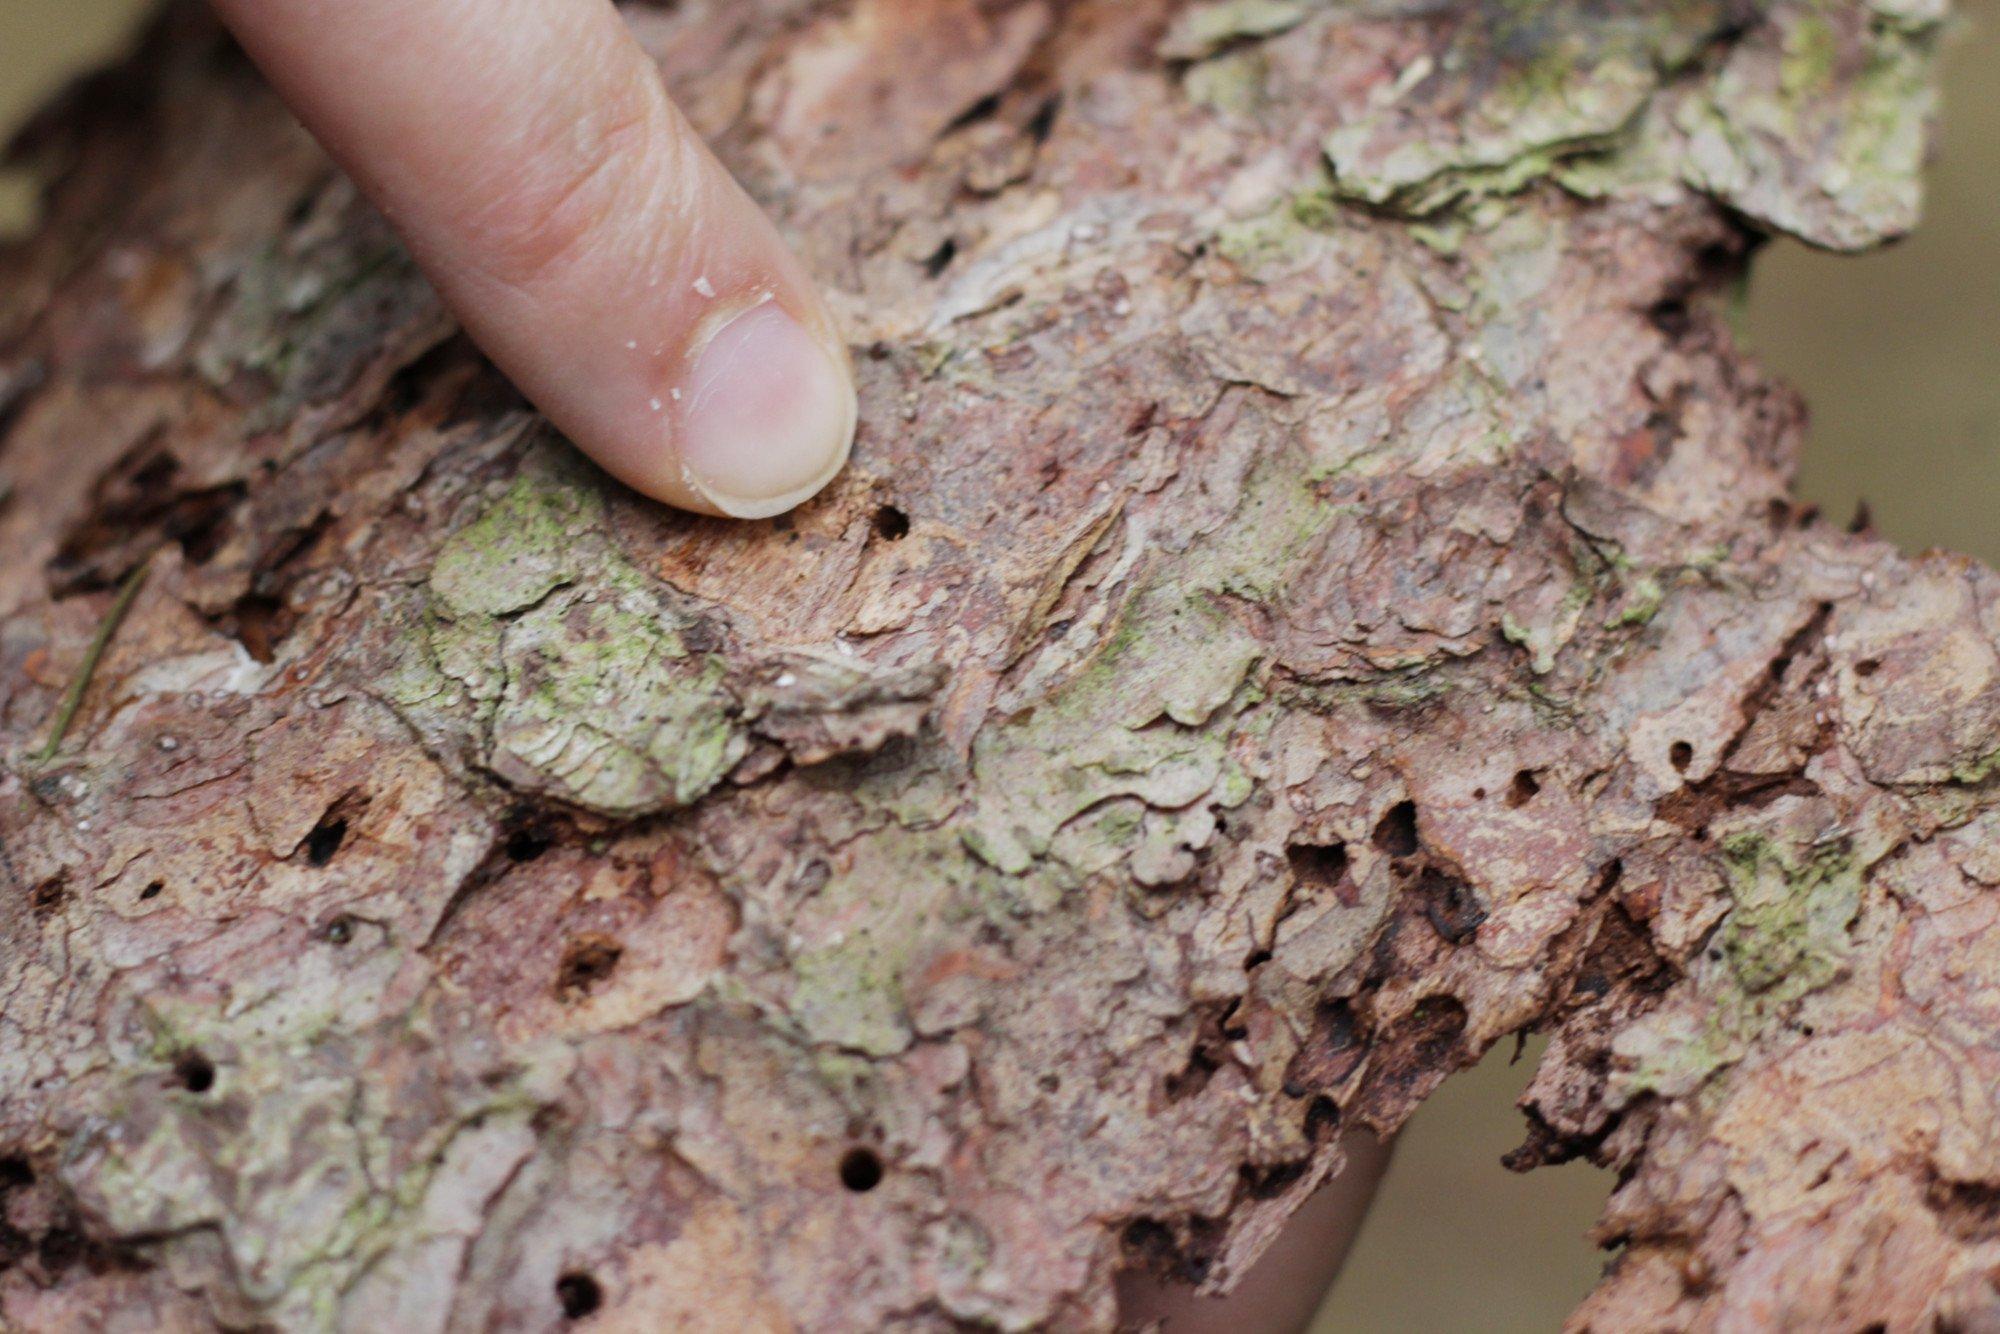 Finger zeigt auf kleine Löcher in einem Stück Fichtenrinde.